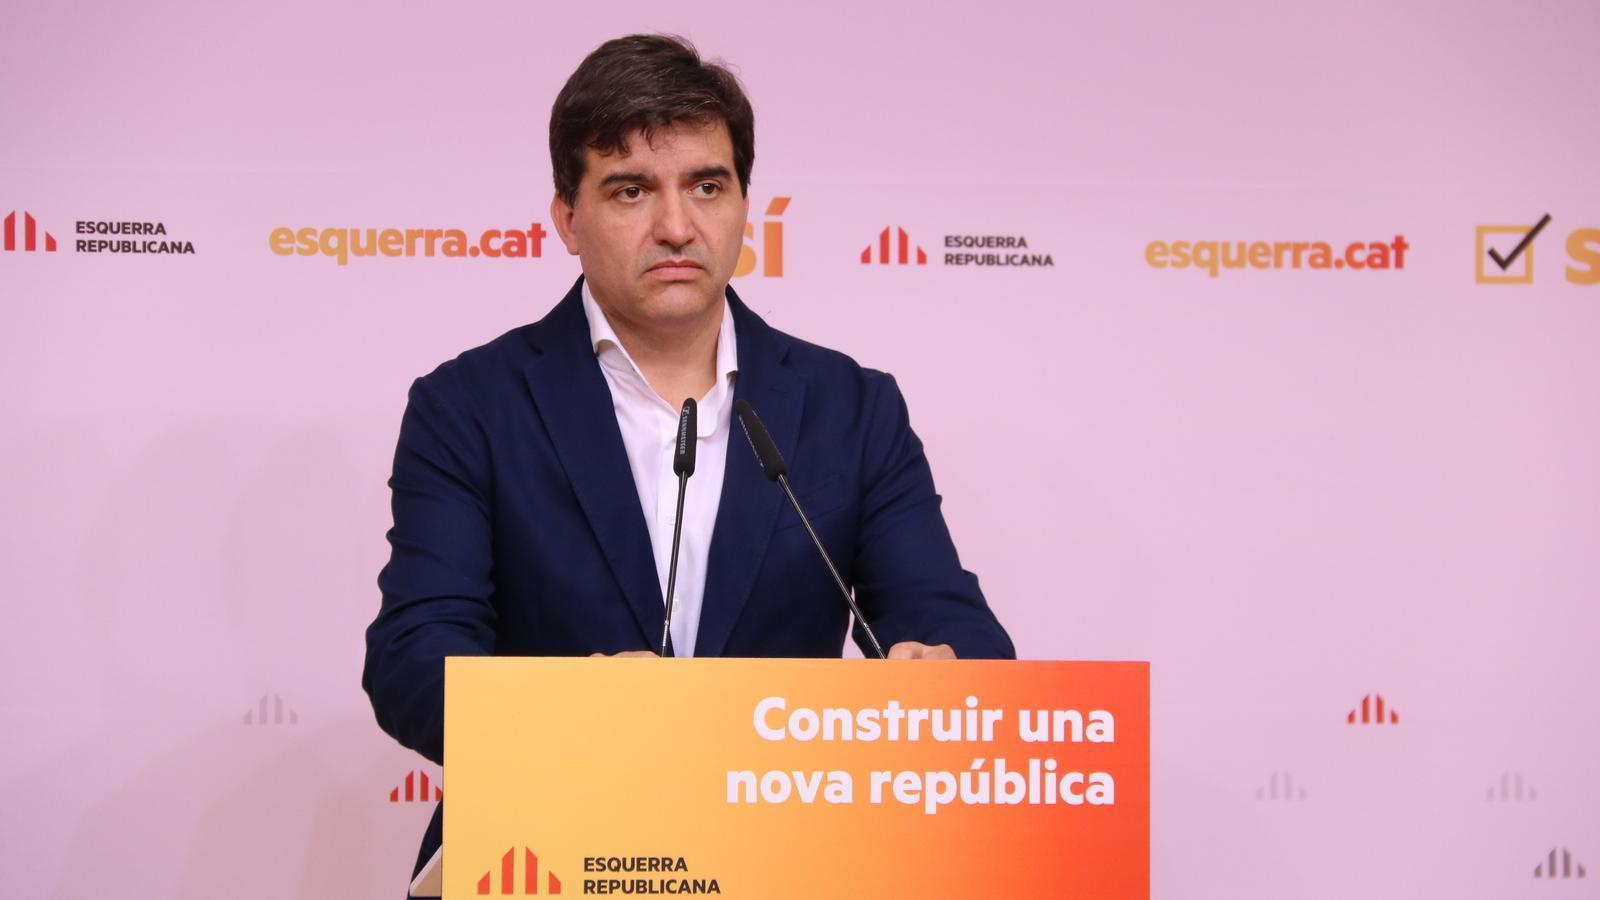 """Sabrià diu que l'abstenció a Sánchez """"era l'única opció coherent"""" i creu que a ERC """"li ha tocat ser la veu del seny"""""""